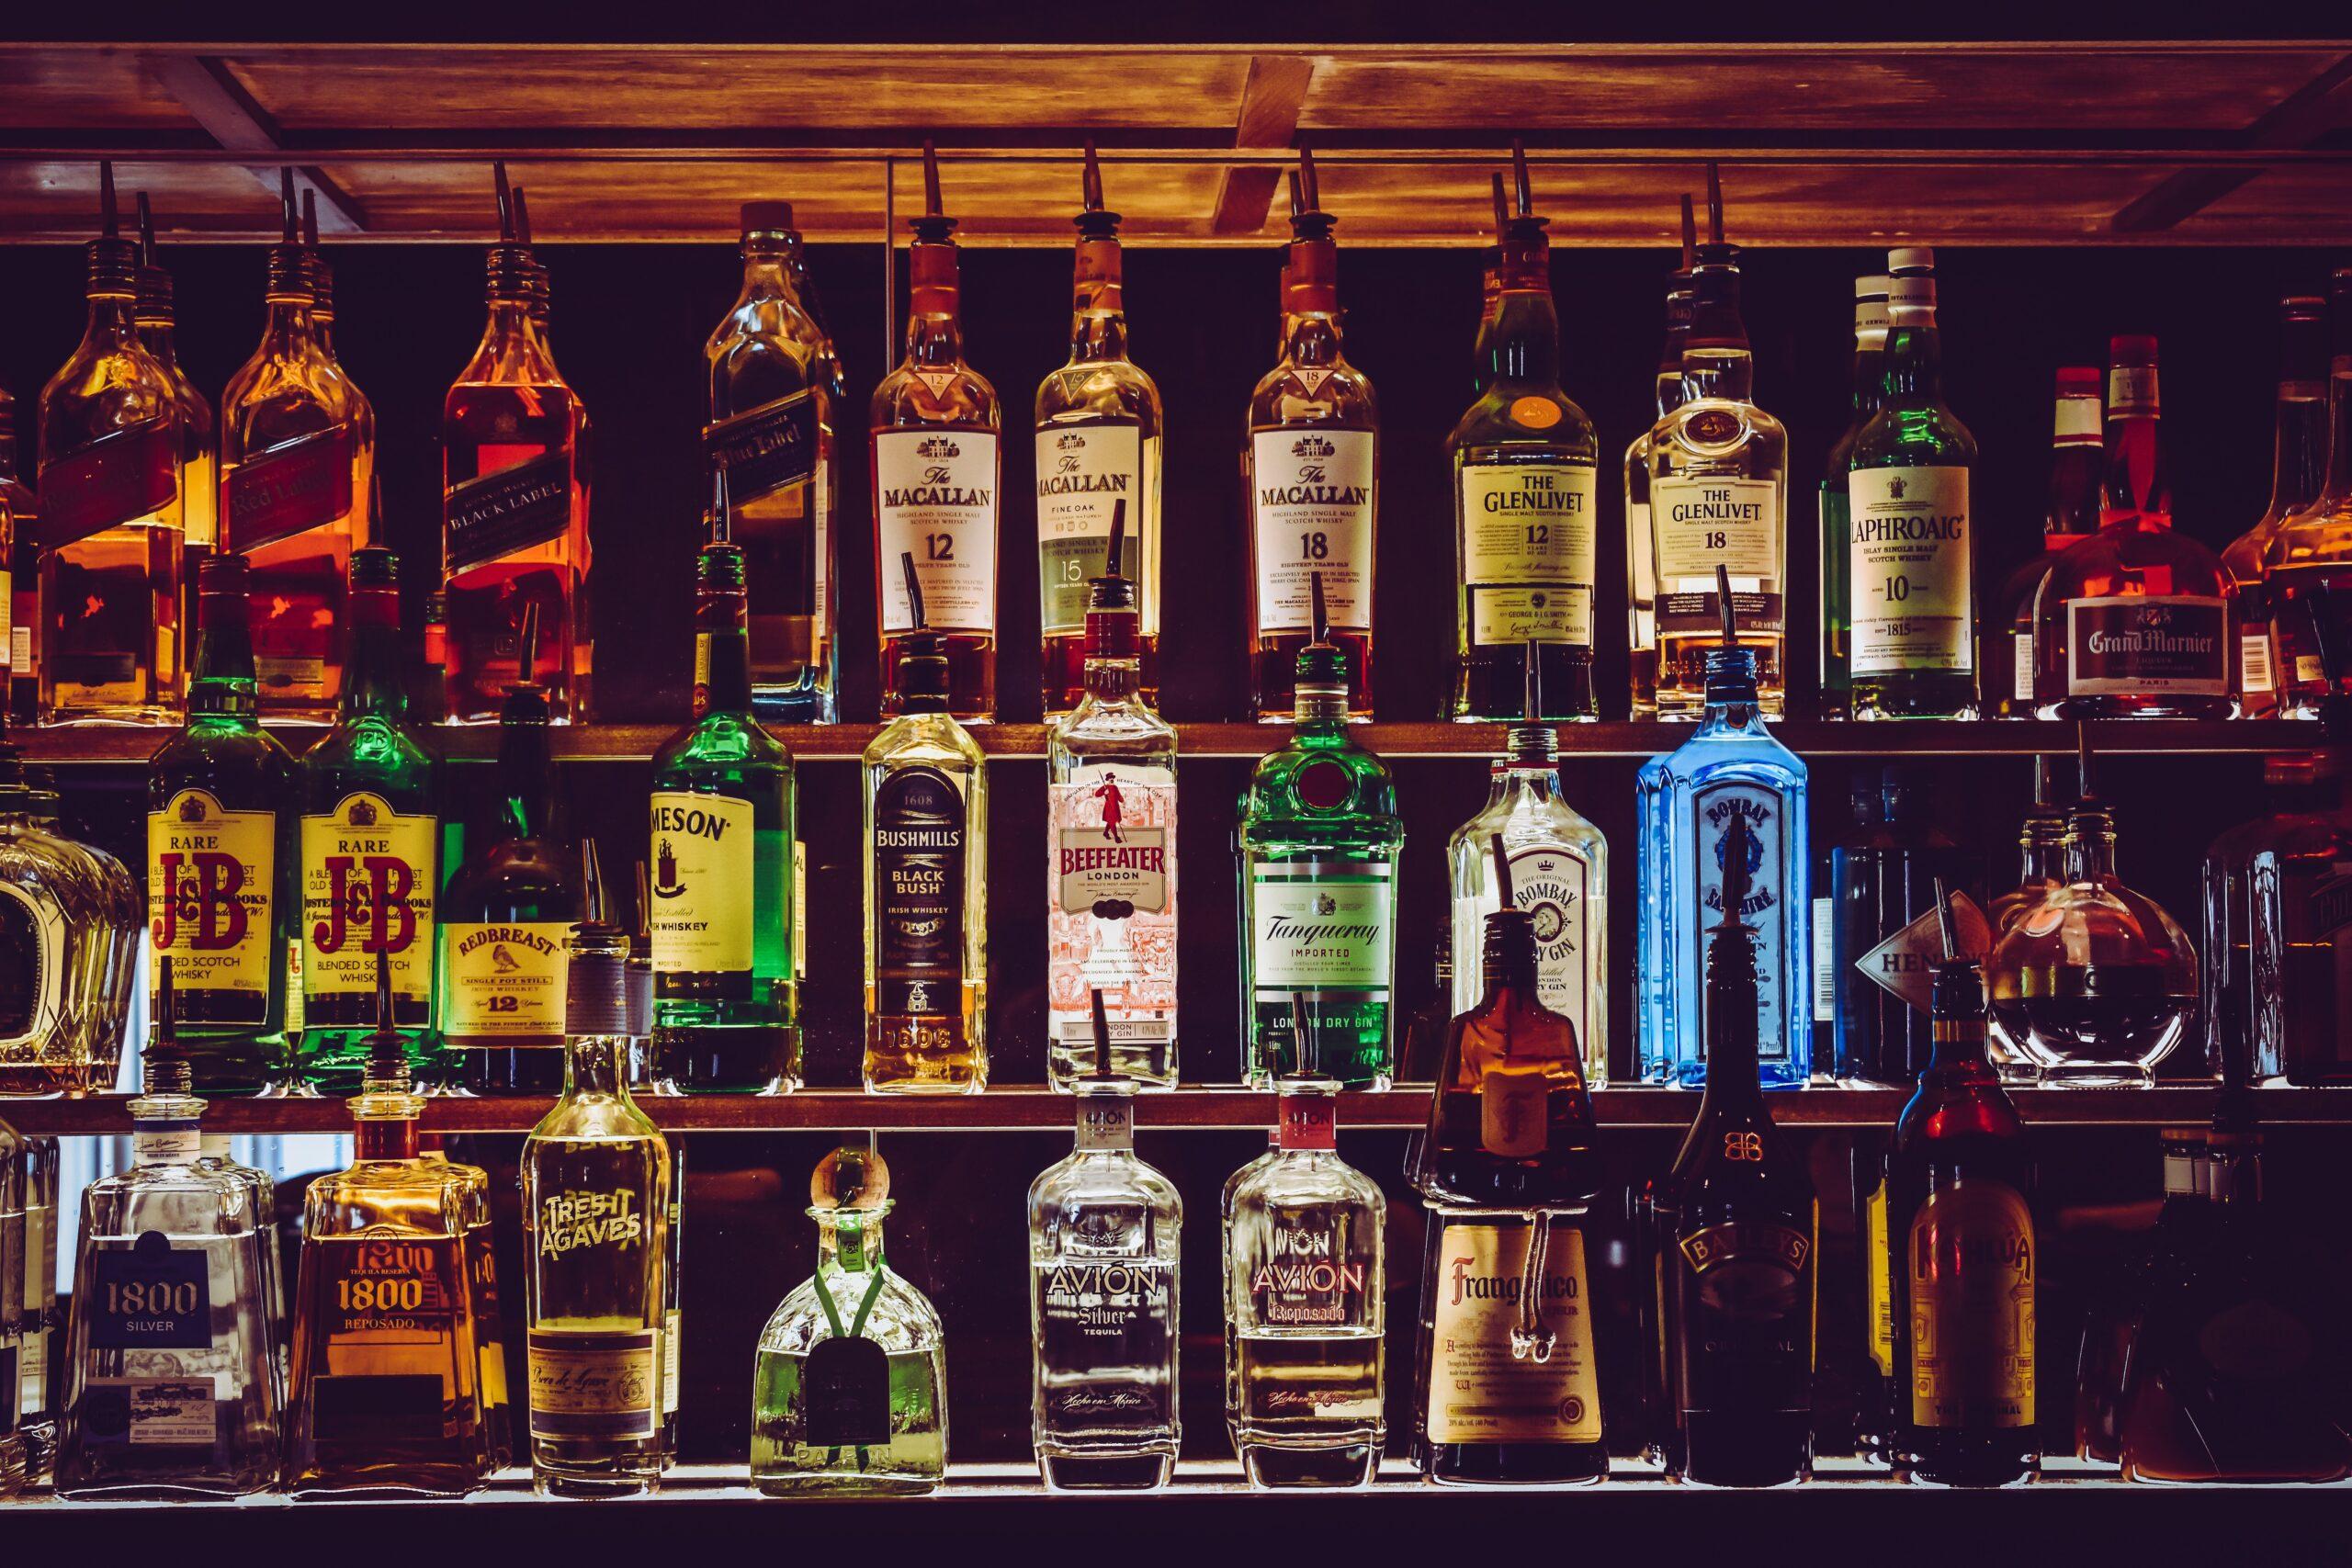 Адвокат по статье 171.3 УК РФ Незаконные производство и оборот этилового спирта, алкогольной и спиртосодержащей продукции, стоимость услуг адвоката